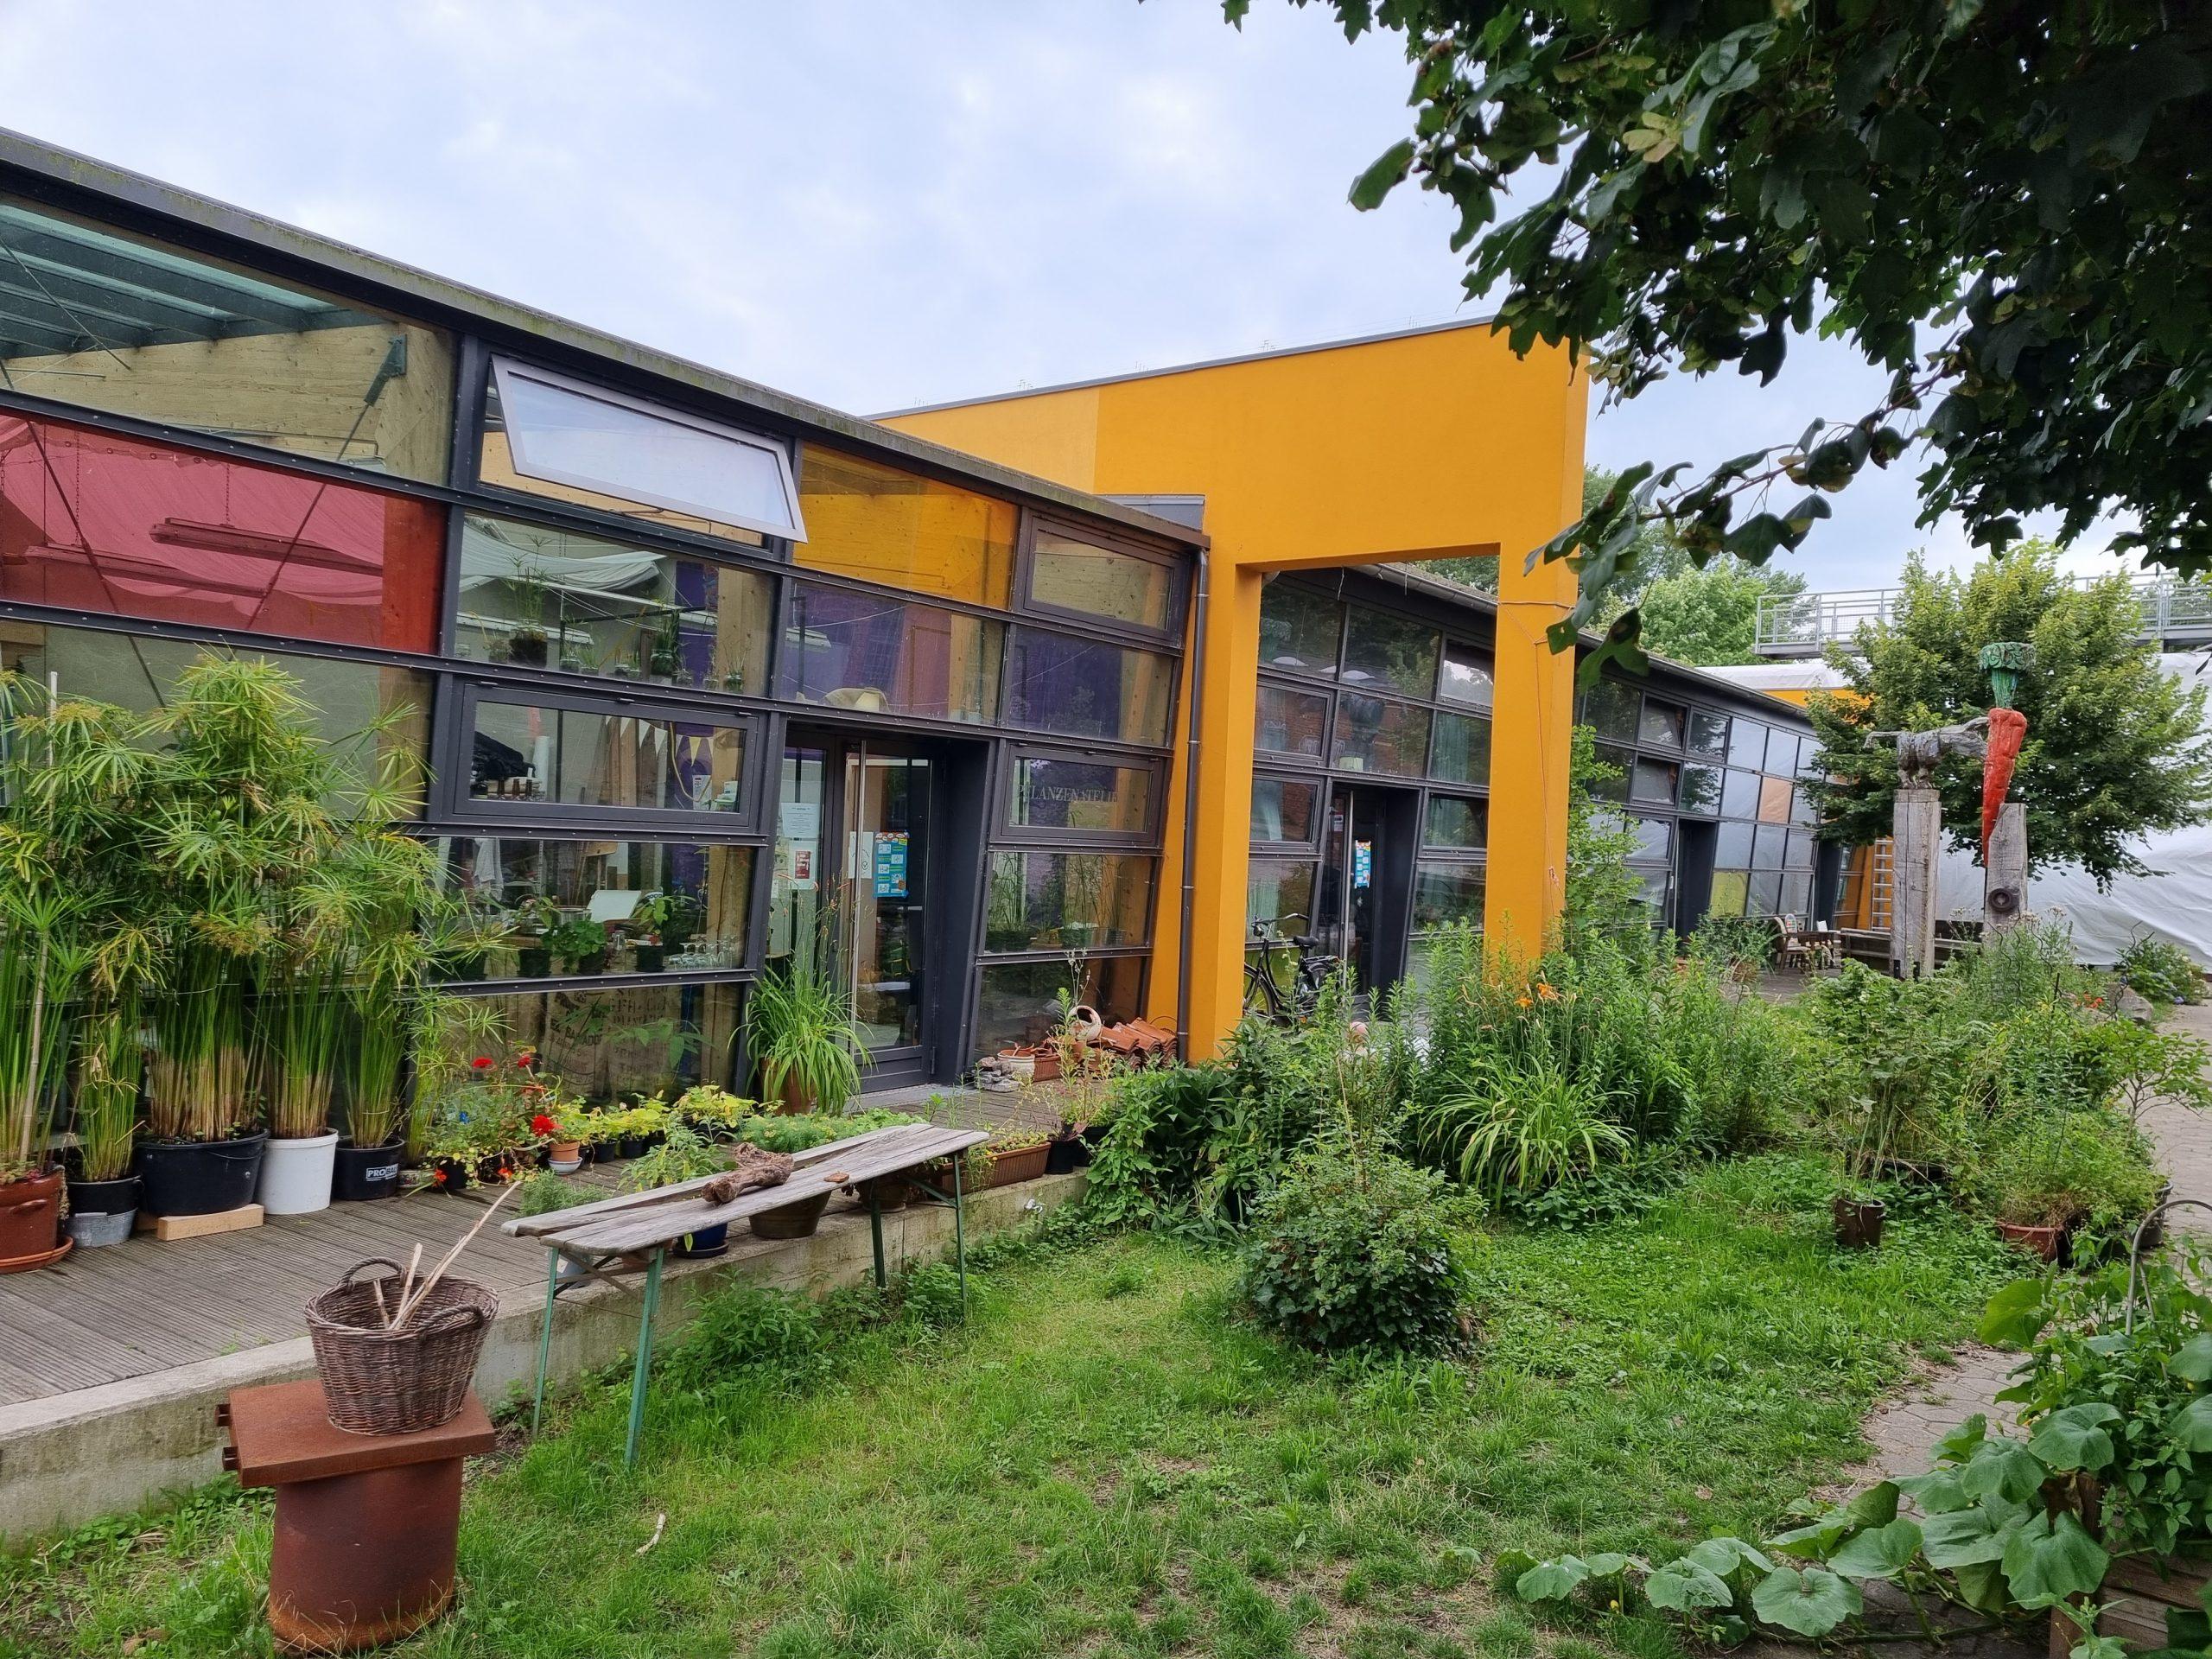 Die Künstlerateliers in der Honigfabrik: Hier können sich Künstler individuell entwickeln. Derzeit sind wieder Plätze frei. Foto: au